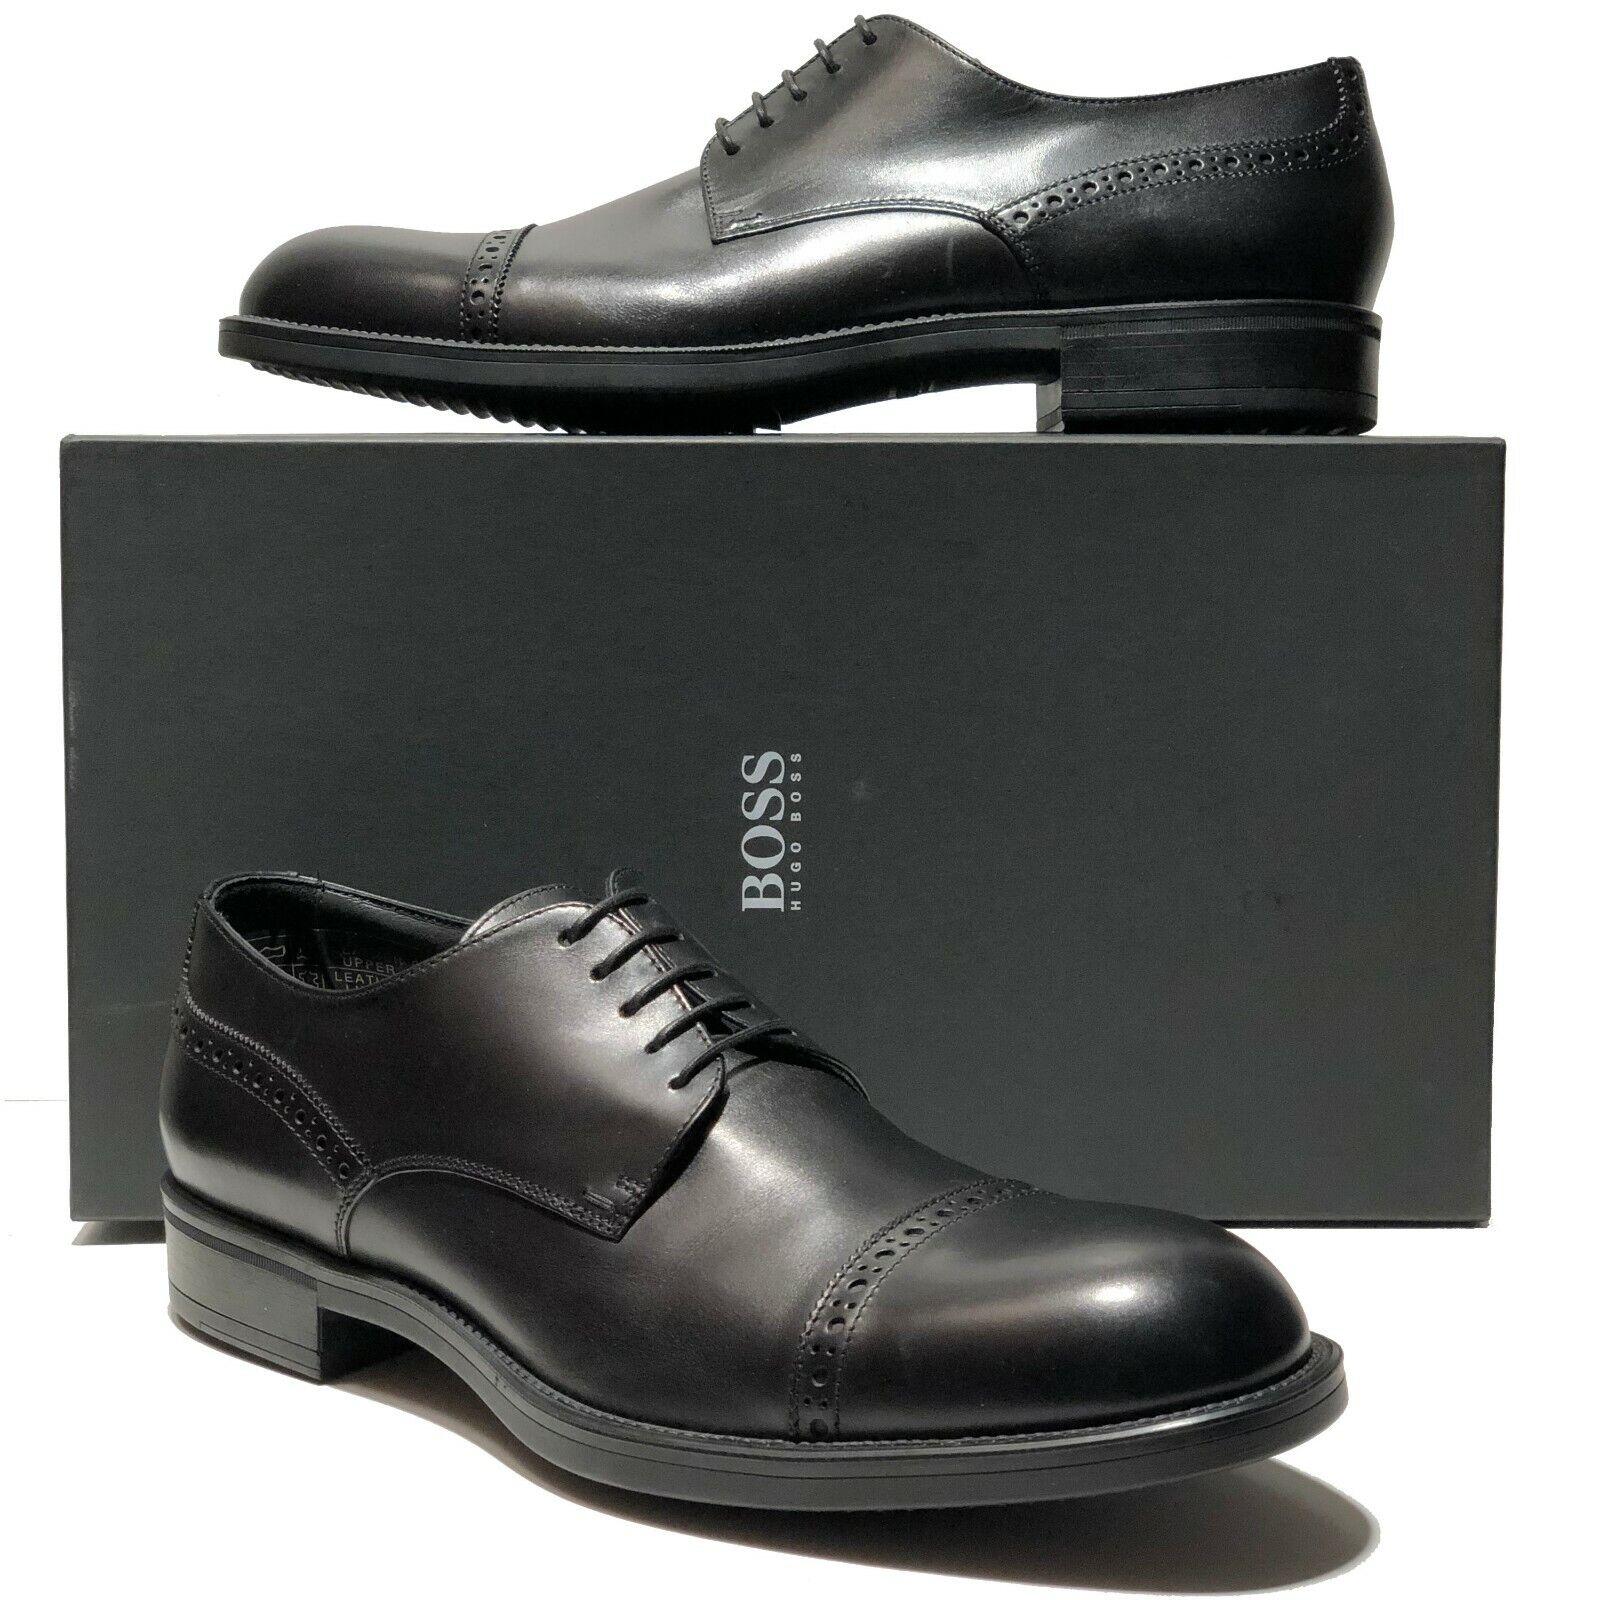 Nuevo HUGO BOSS Italia Negro Cuero captoe Hombre Oxford vestido formal Derby Informal